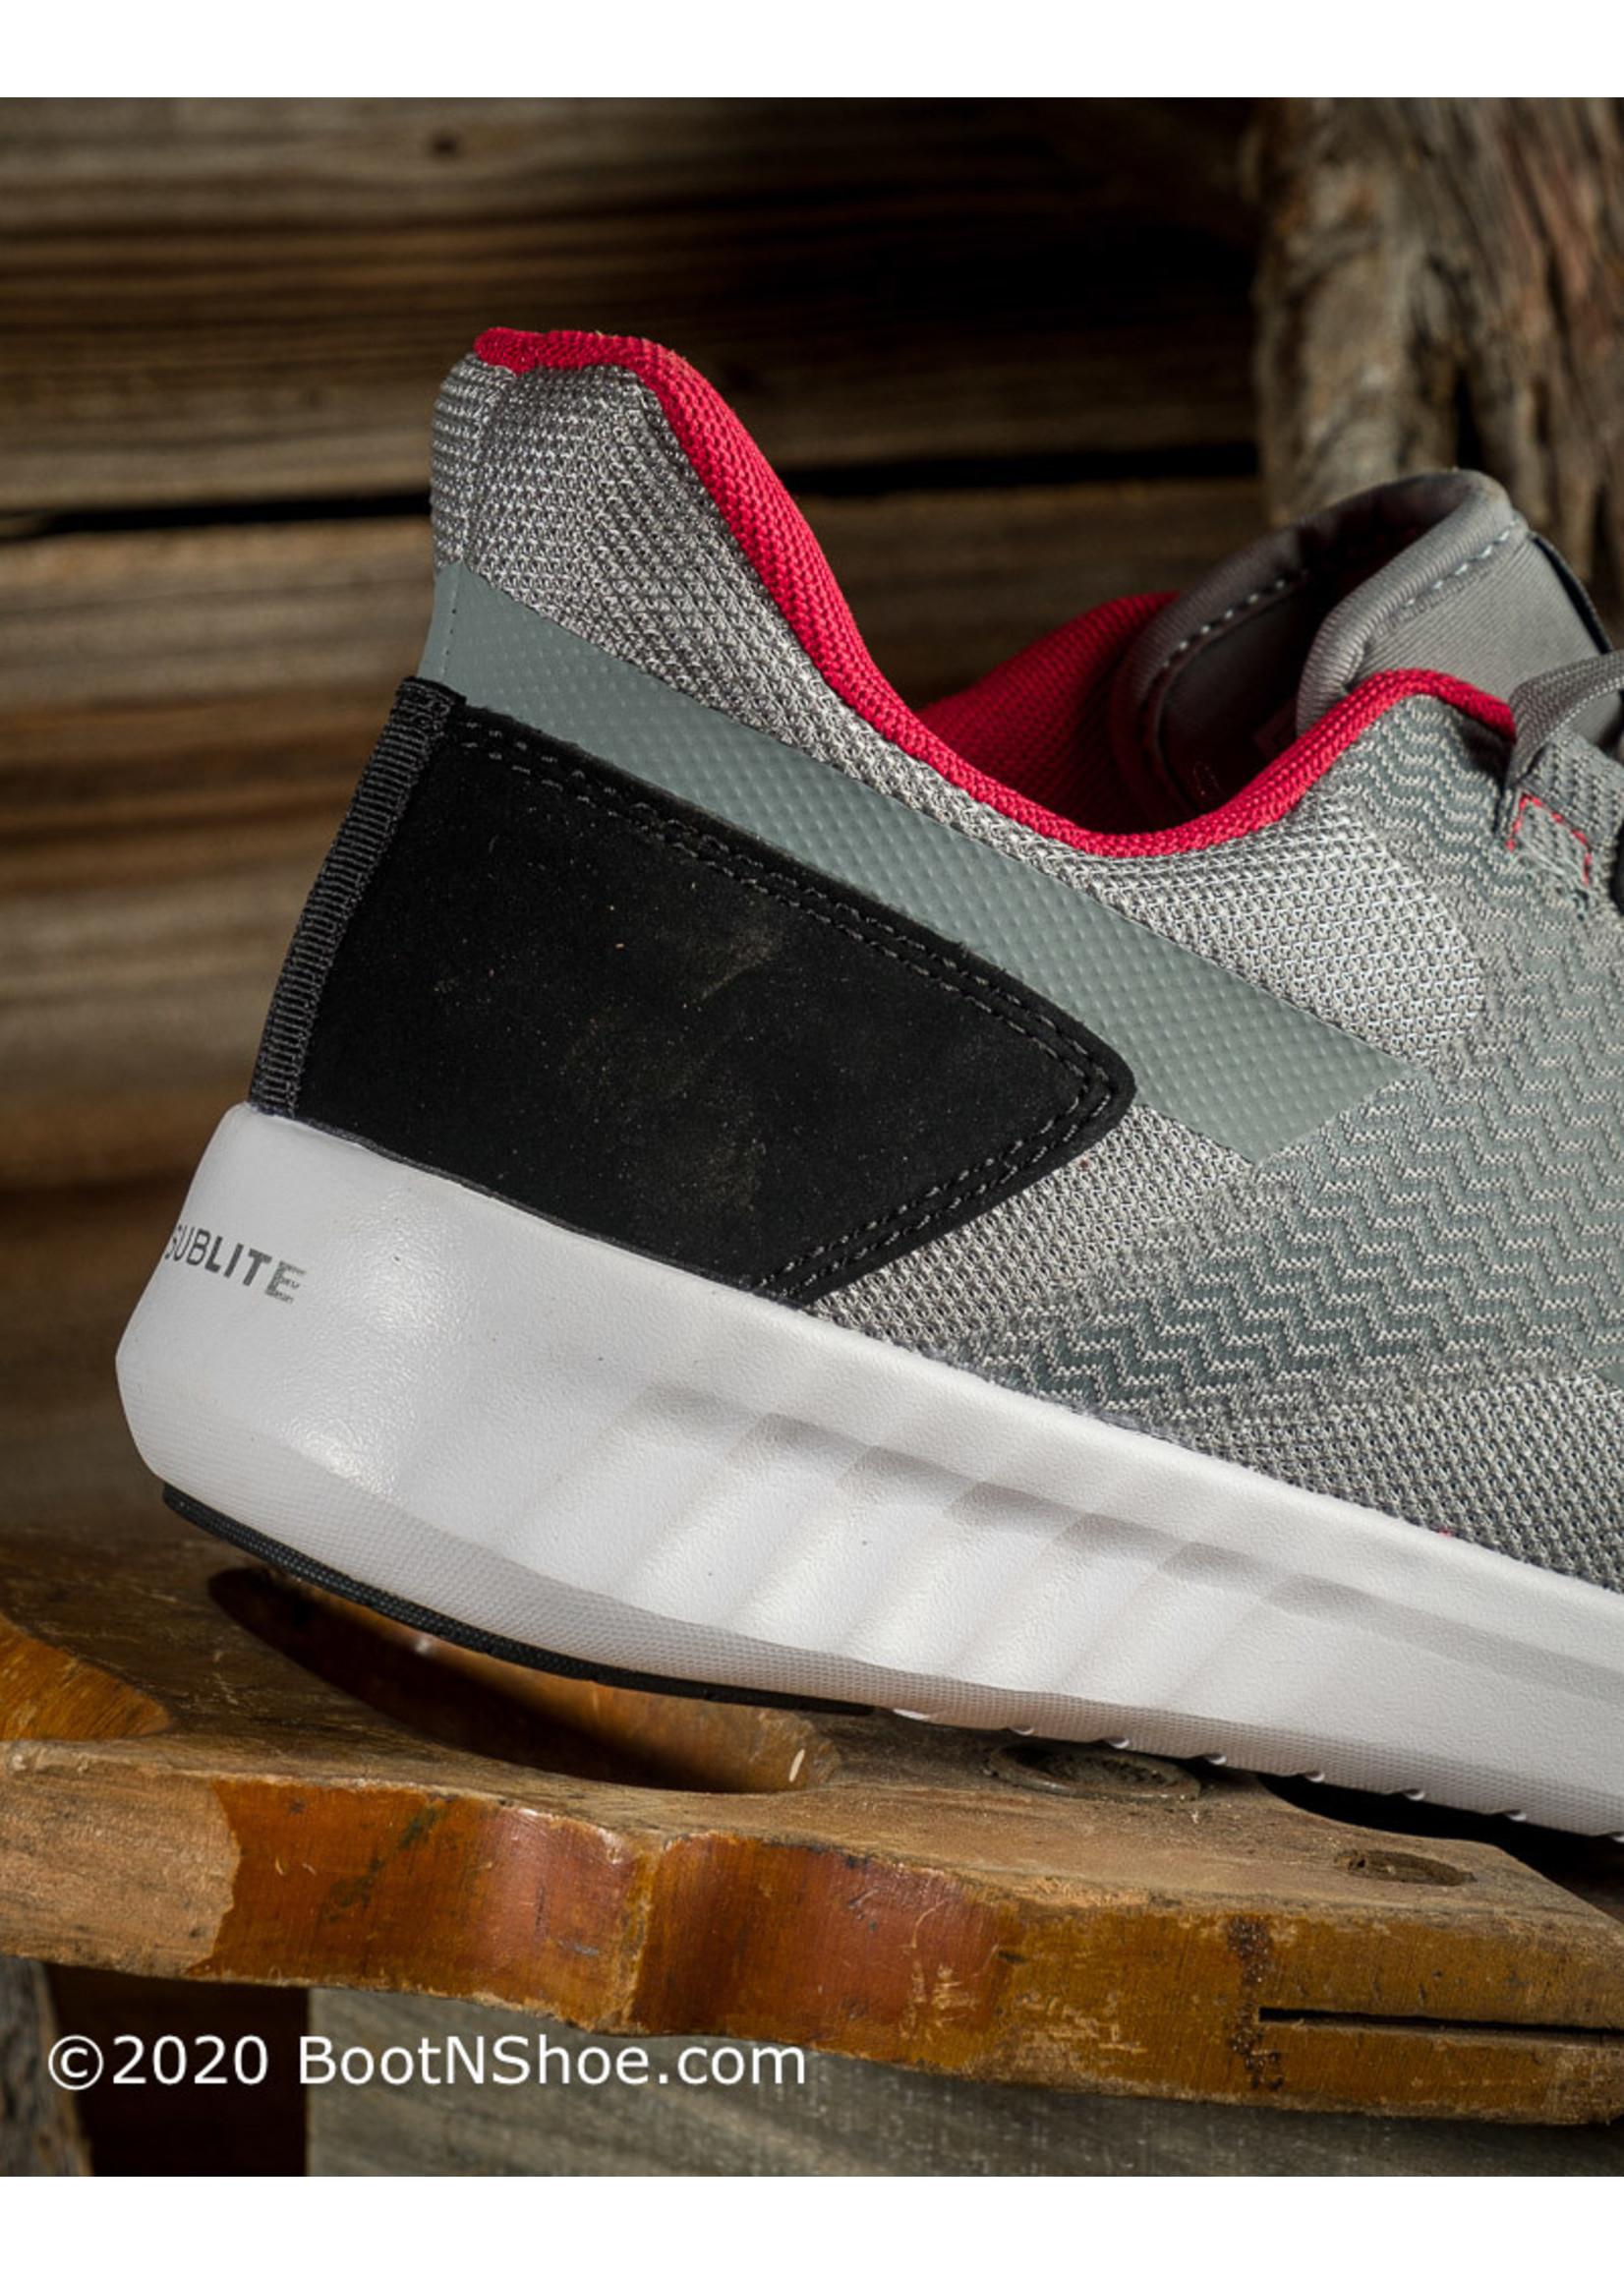 Reebok Men's Sublite Legend Athletic Work Shoes RB4021